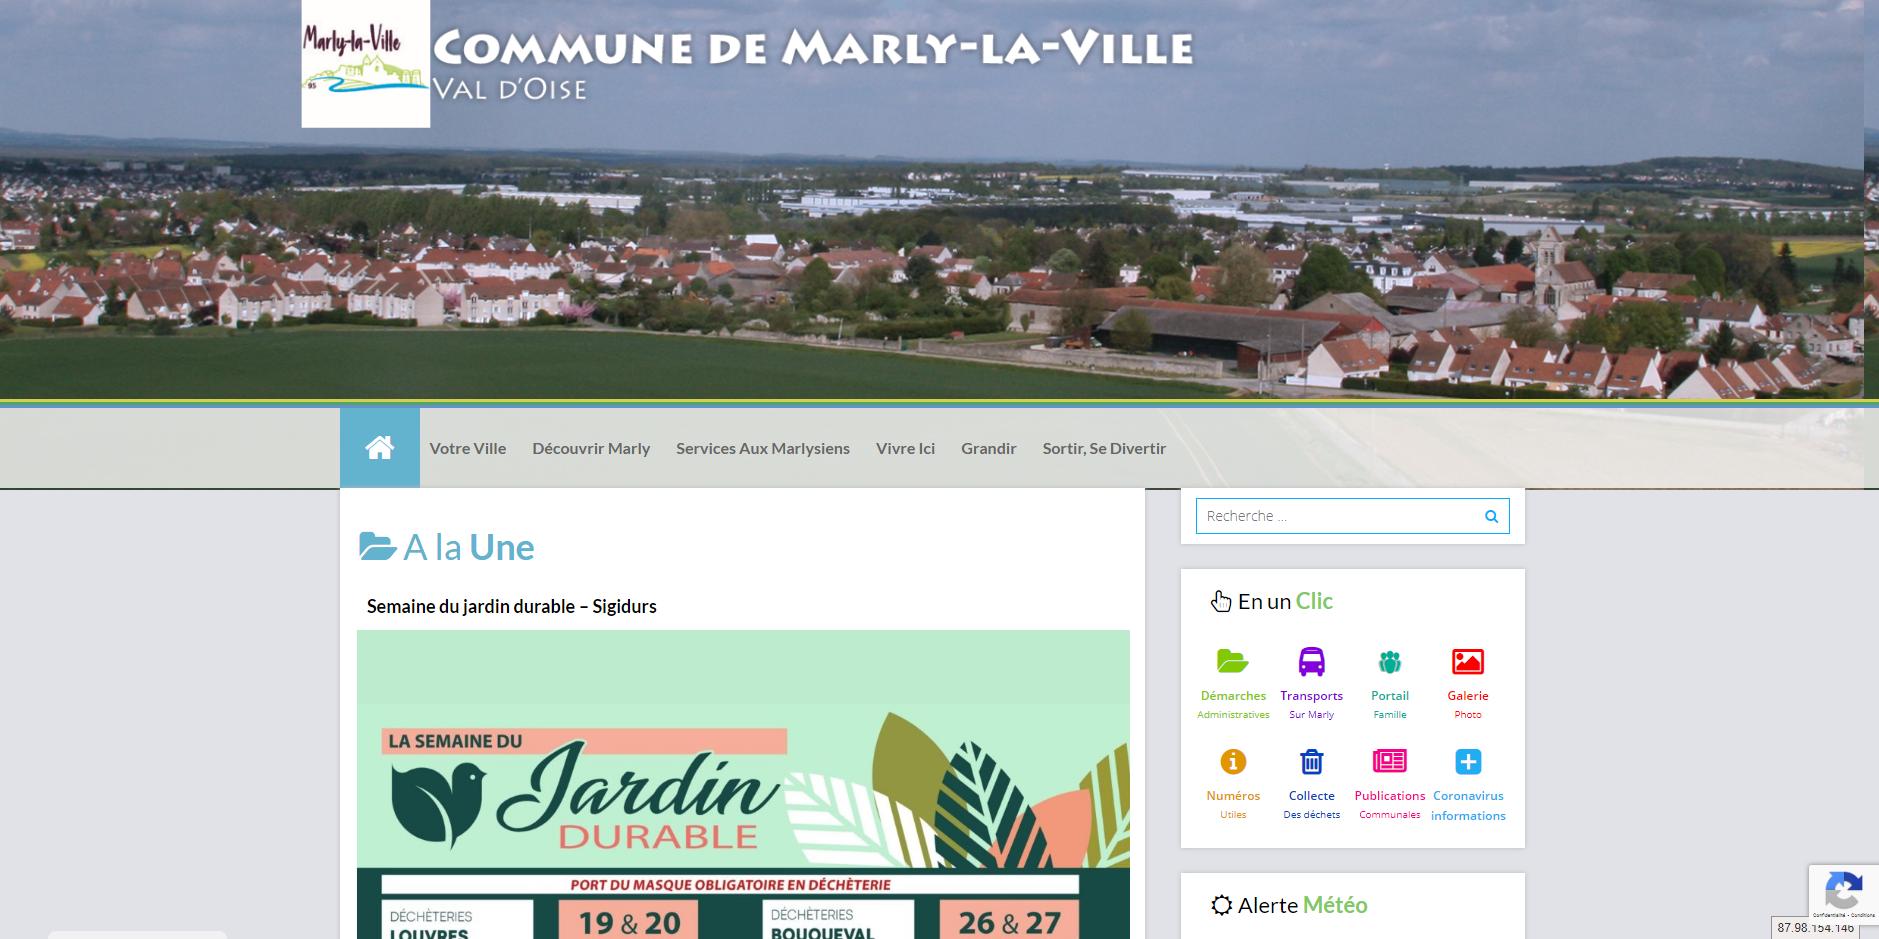 site de Marly-la-ville